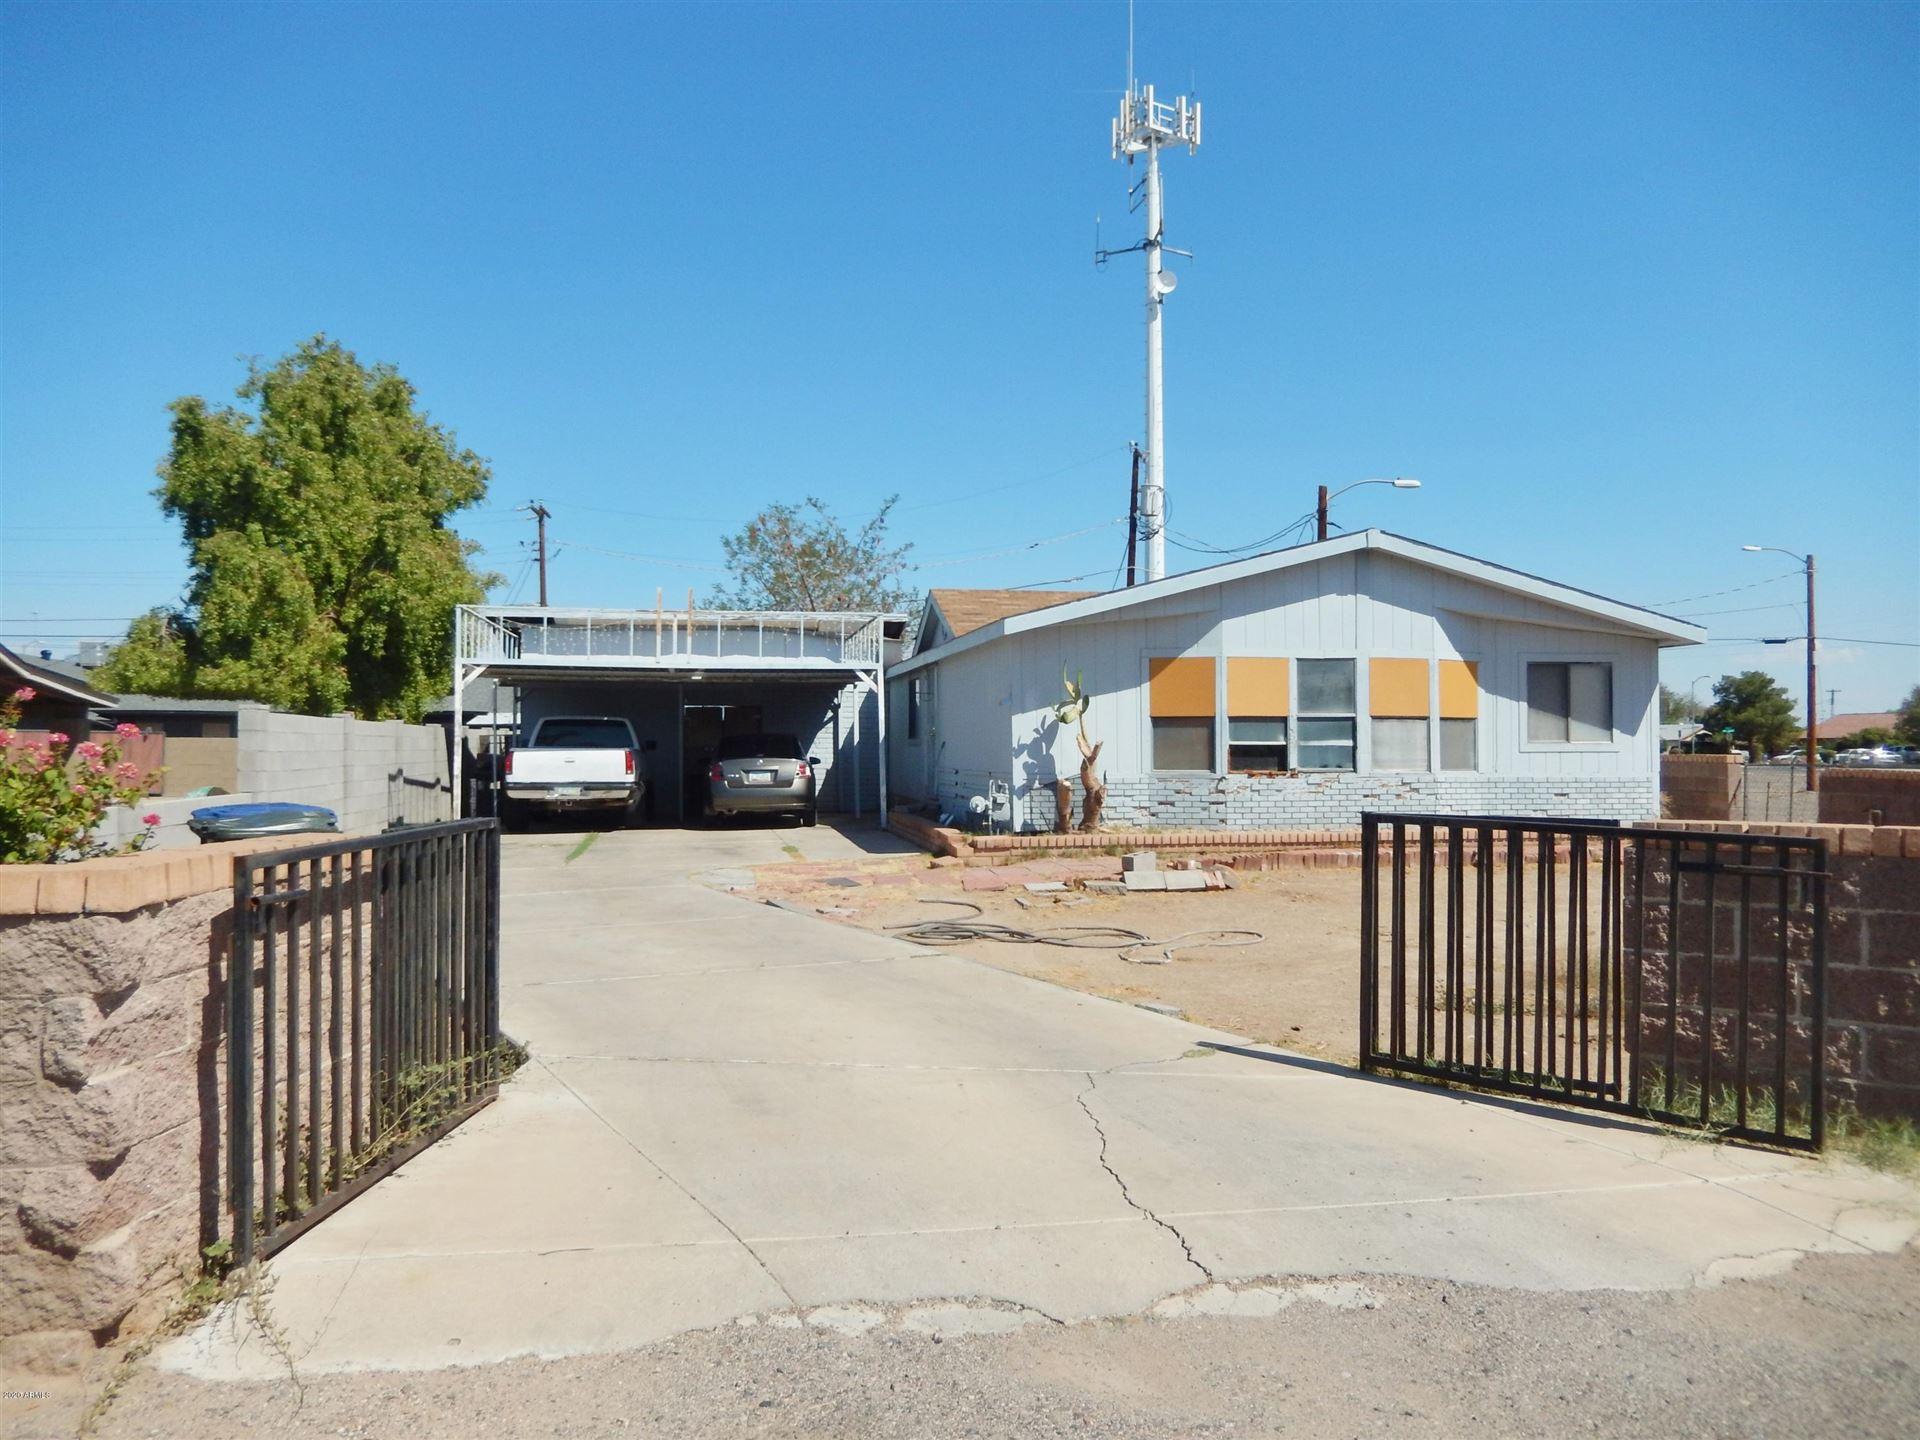 14413 N PALM Street, El Mirage, AZ 85335 - MLS#: 6132061